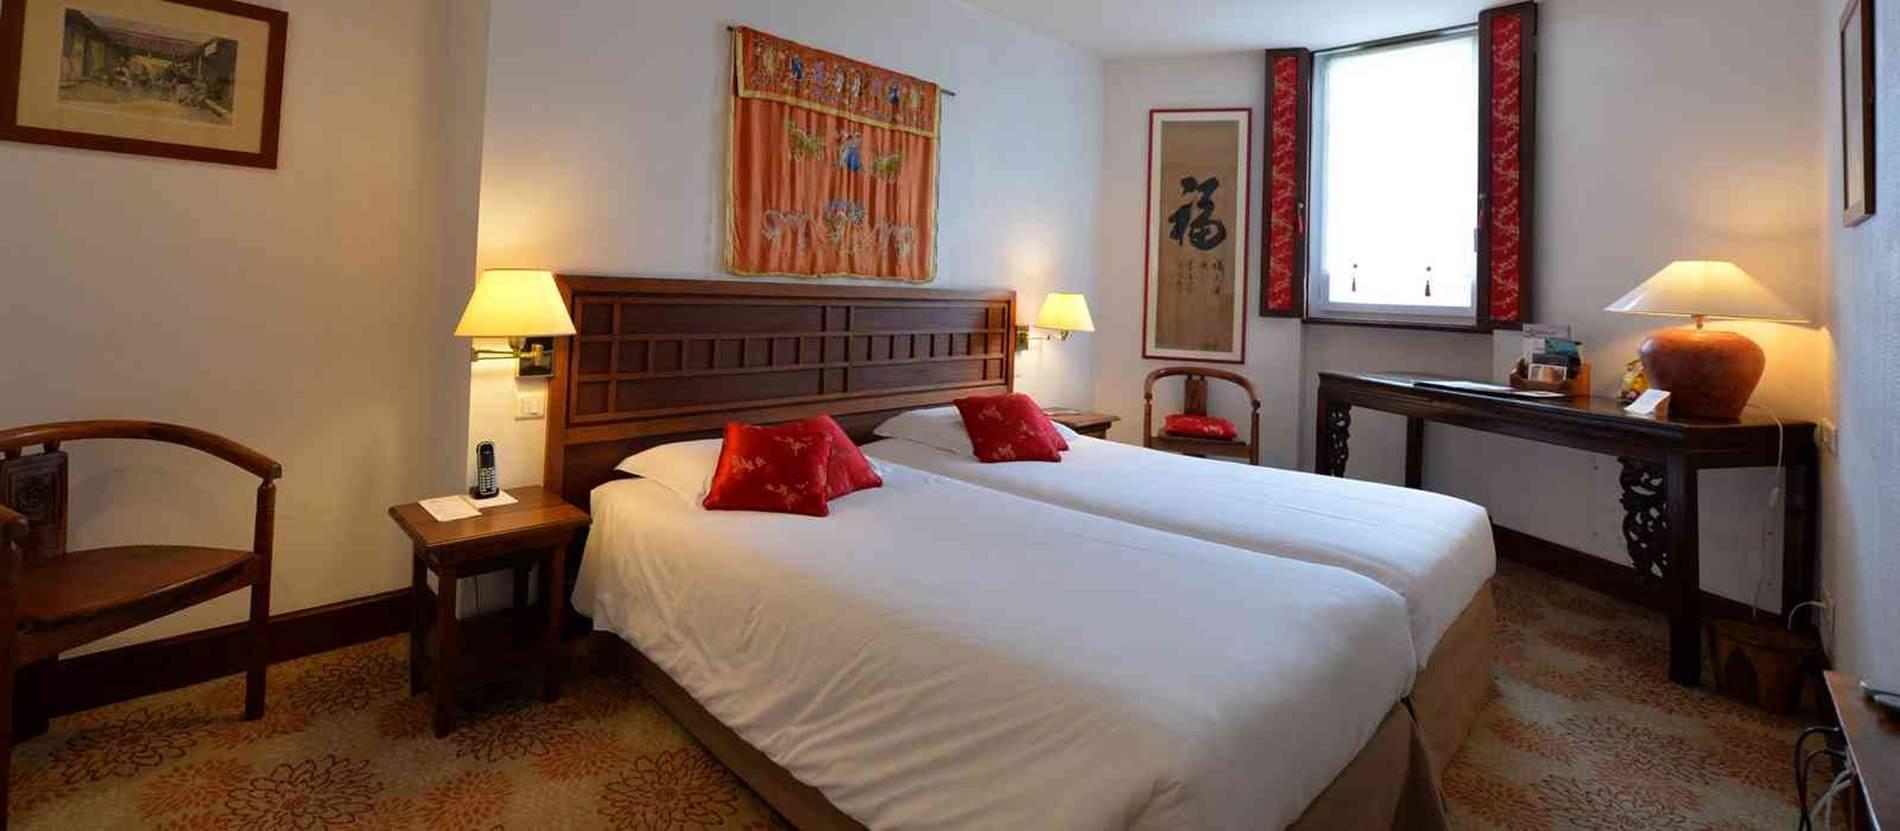 chambre Standard 18m2 rue © hotel-villa-kerasy-vannes